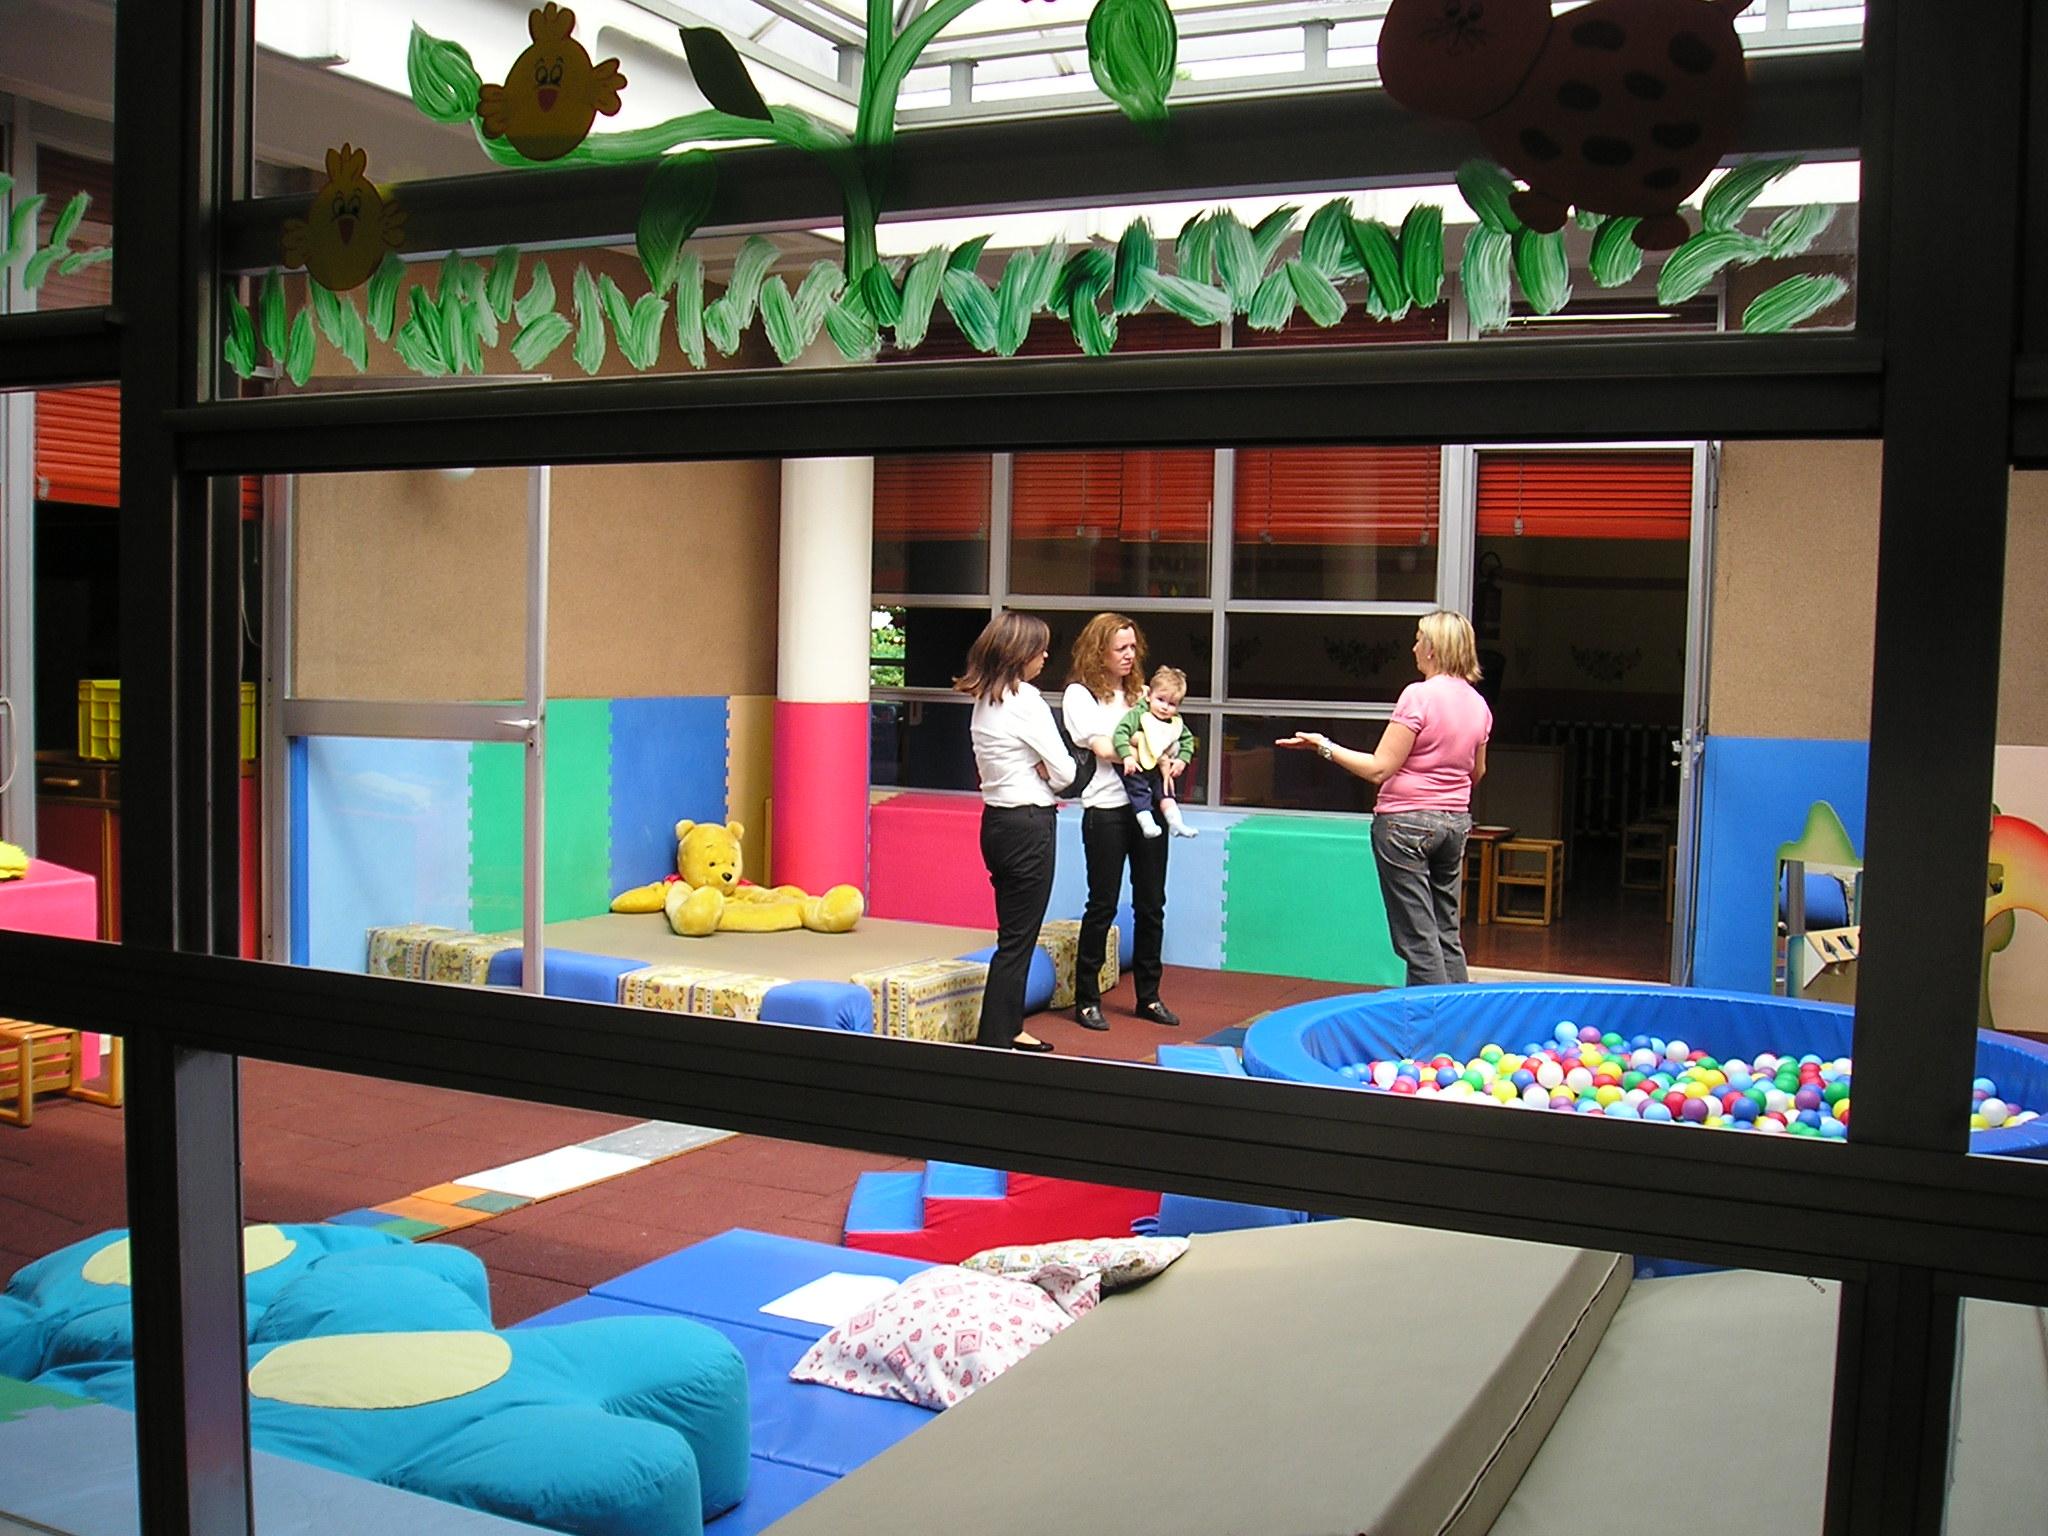 Passione bambini voglio aprire un asilo nido donnissima - Aprire asilo nido privato requisiti ...